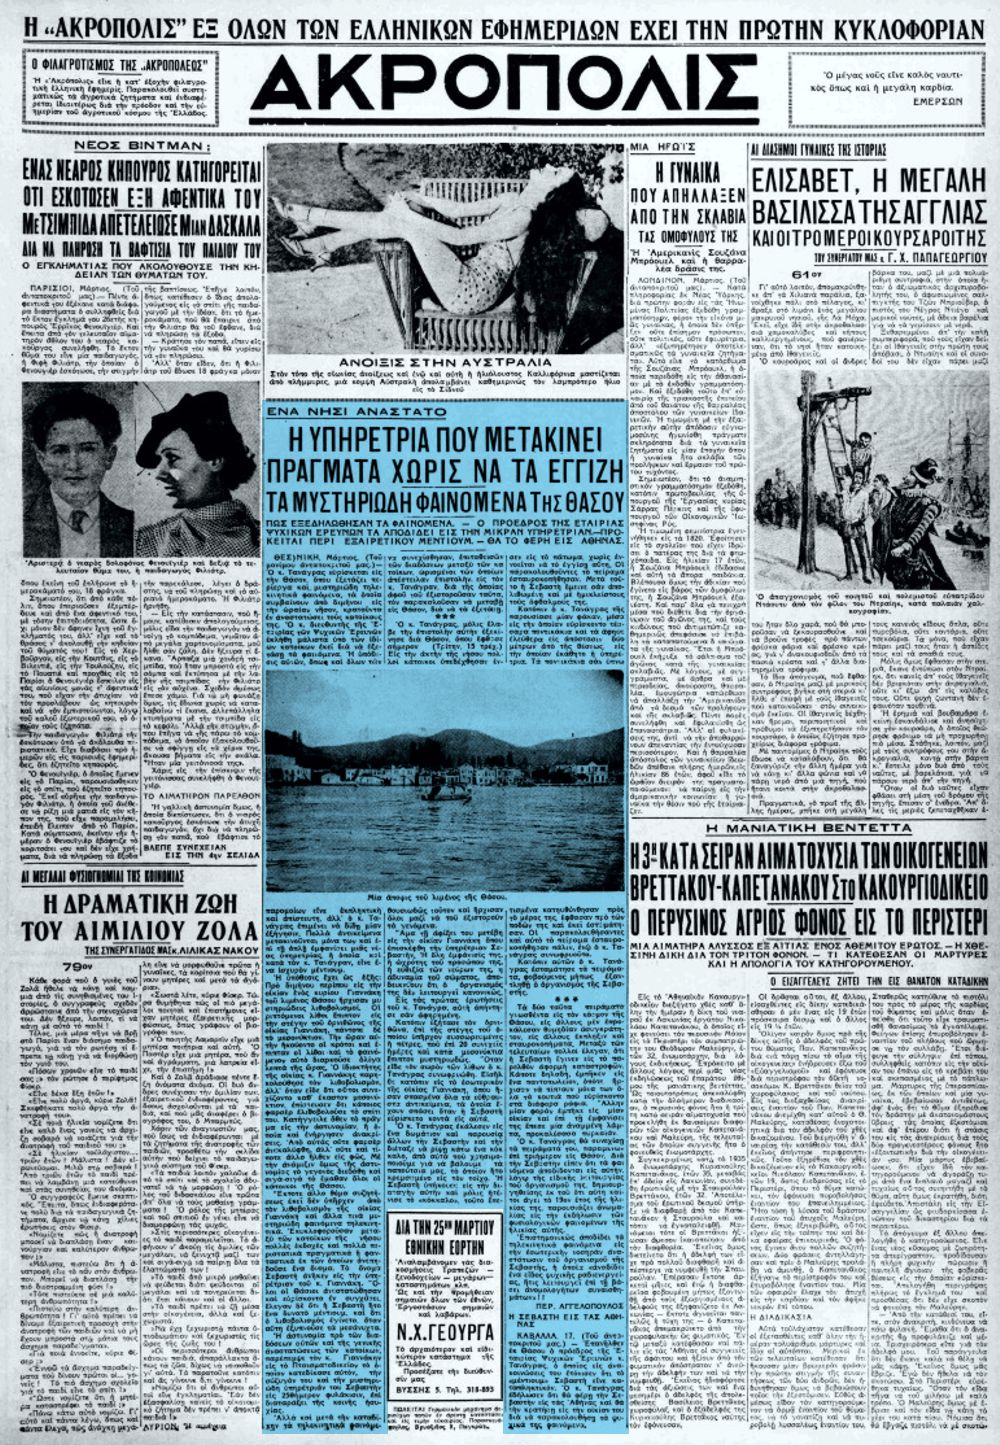 """Το άρθρο, όπως δημοσιεύθηκε στην εφημερίδα """"ΑΚΡΟΠΟΛΙΣ"""", στις 18/03/1938"""